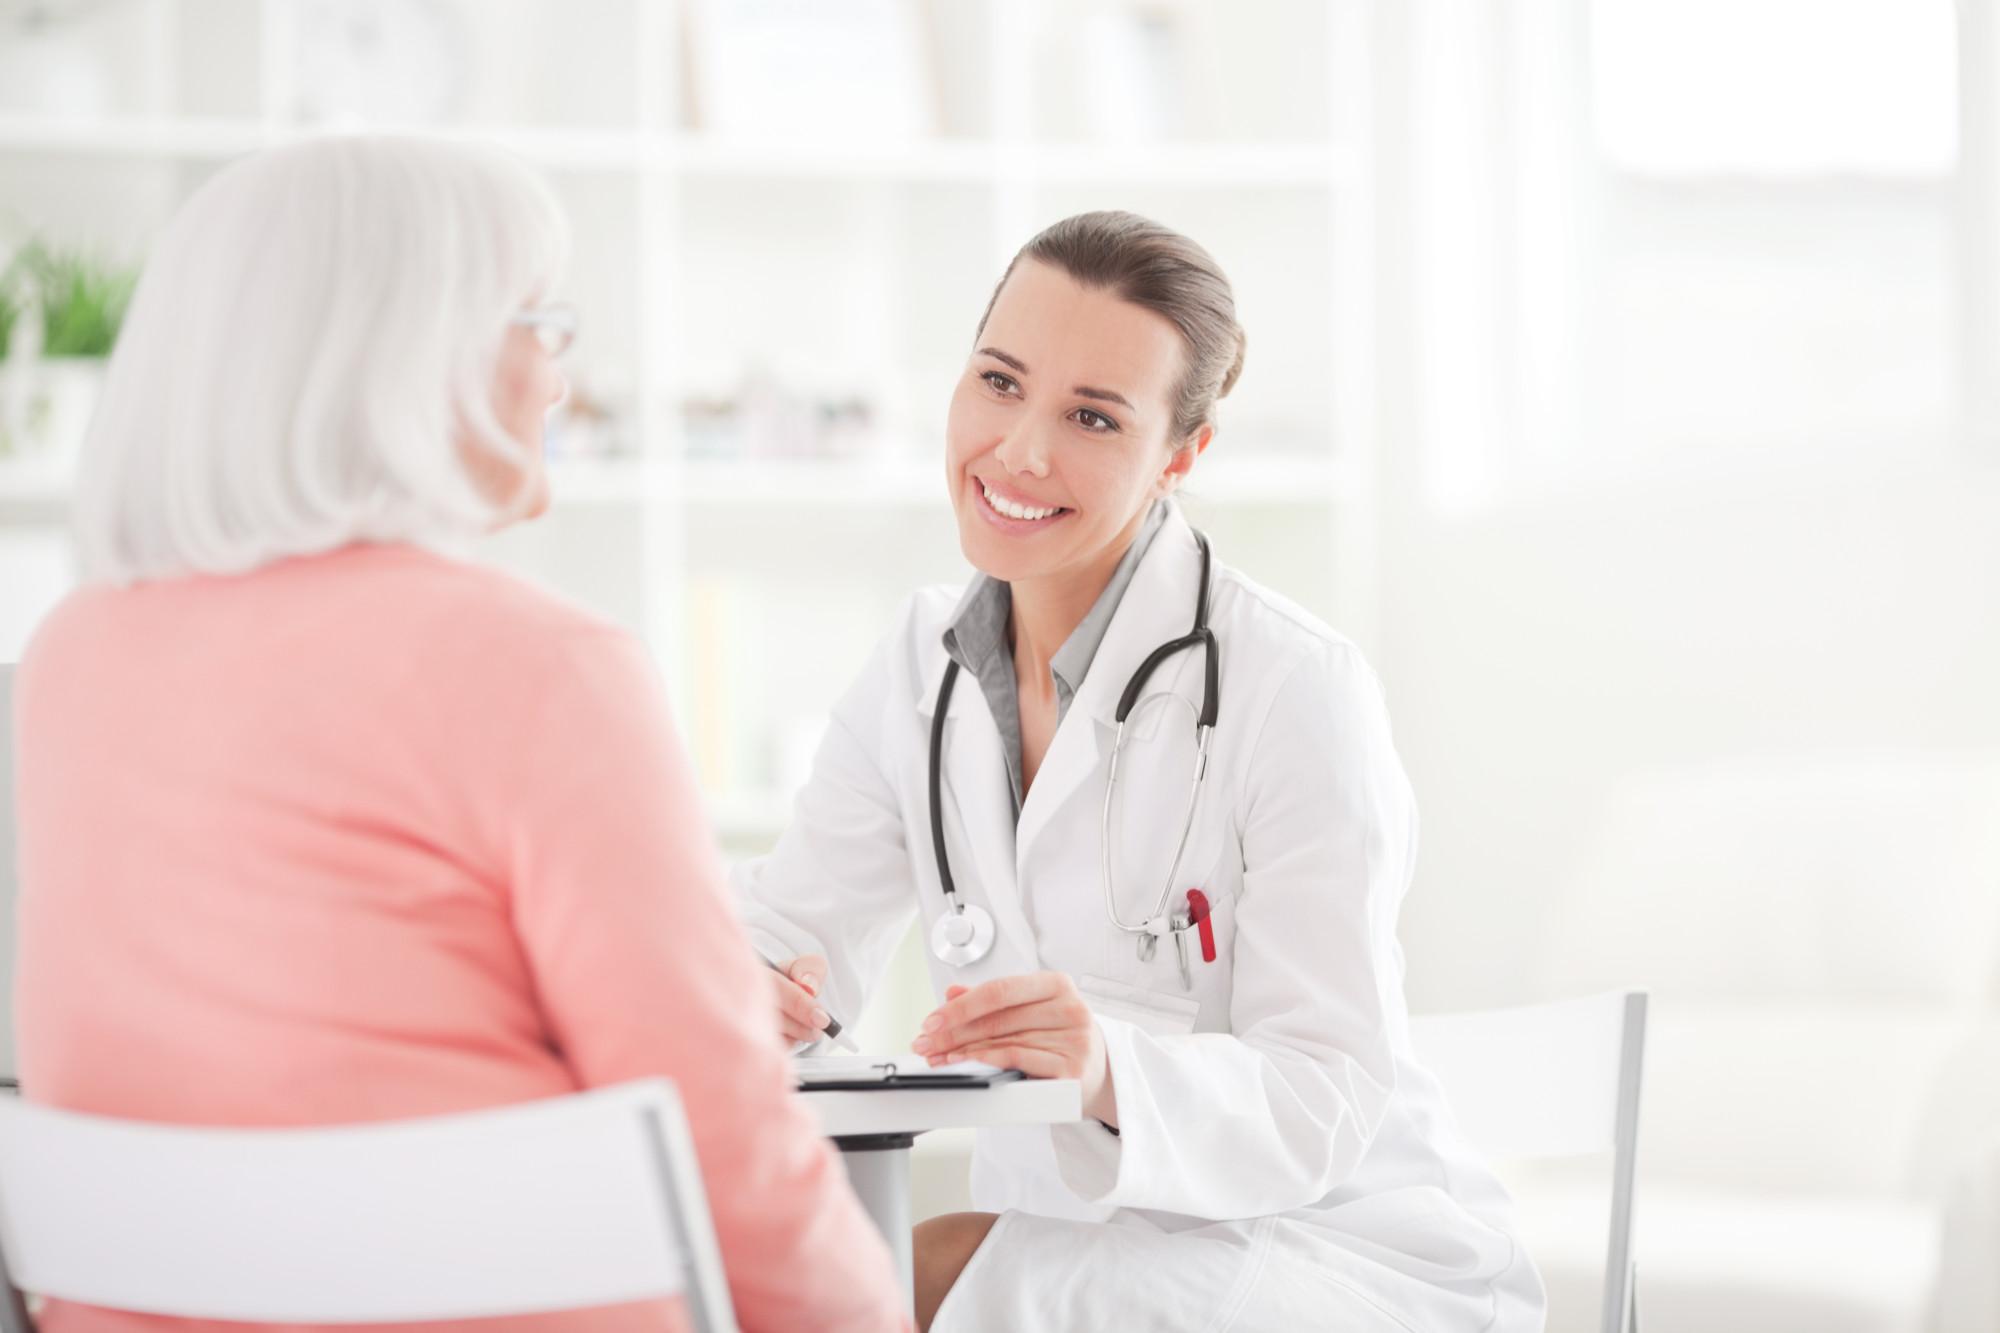 specialist expert doctor specialist